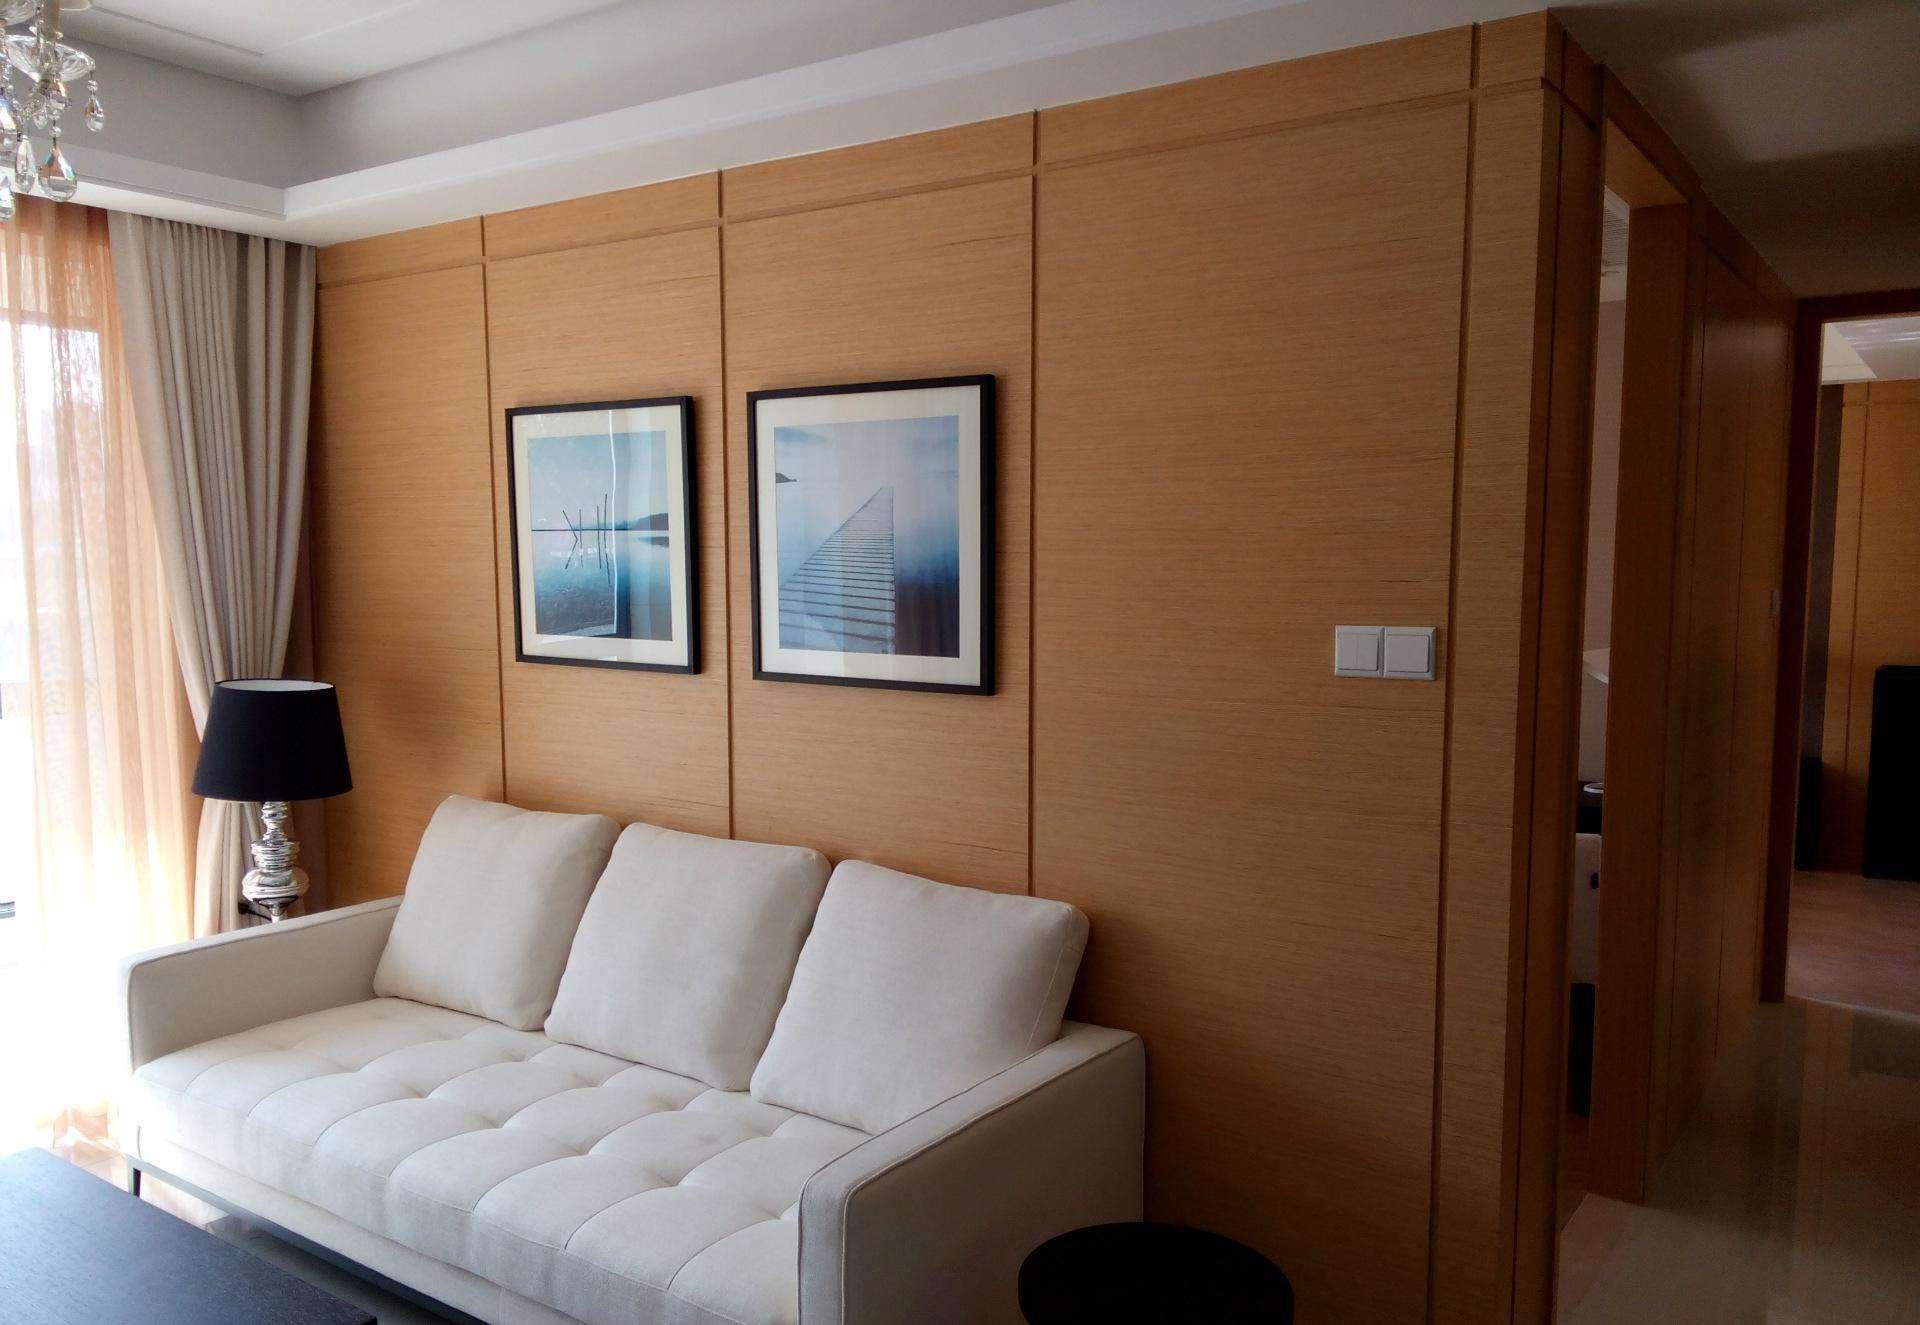 中密度板材酒店固装家具的安装方式解说!